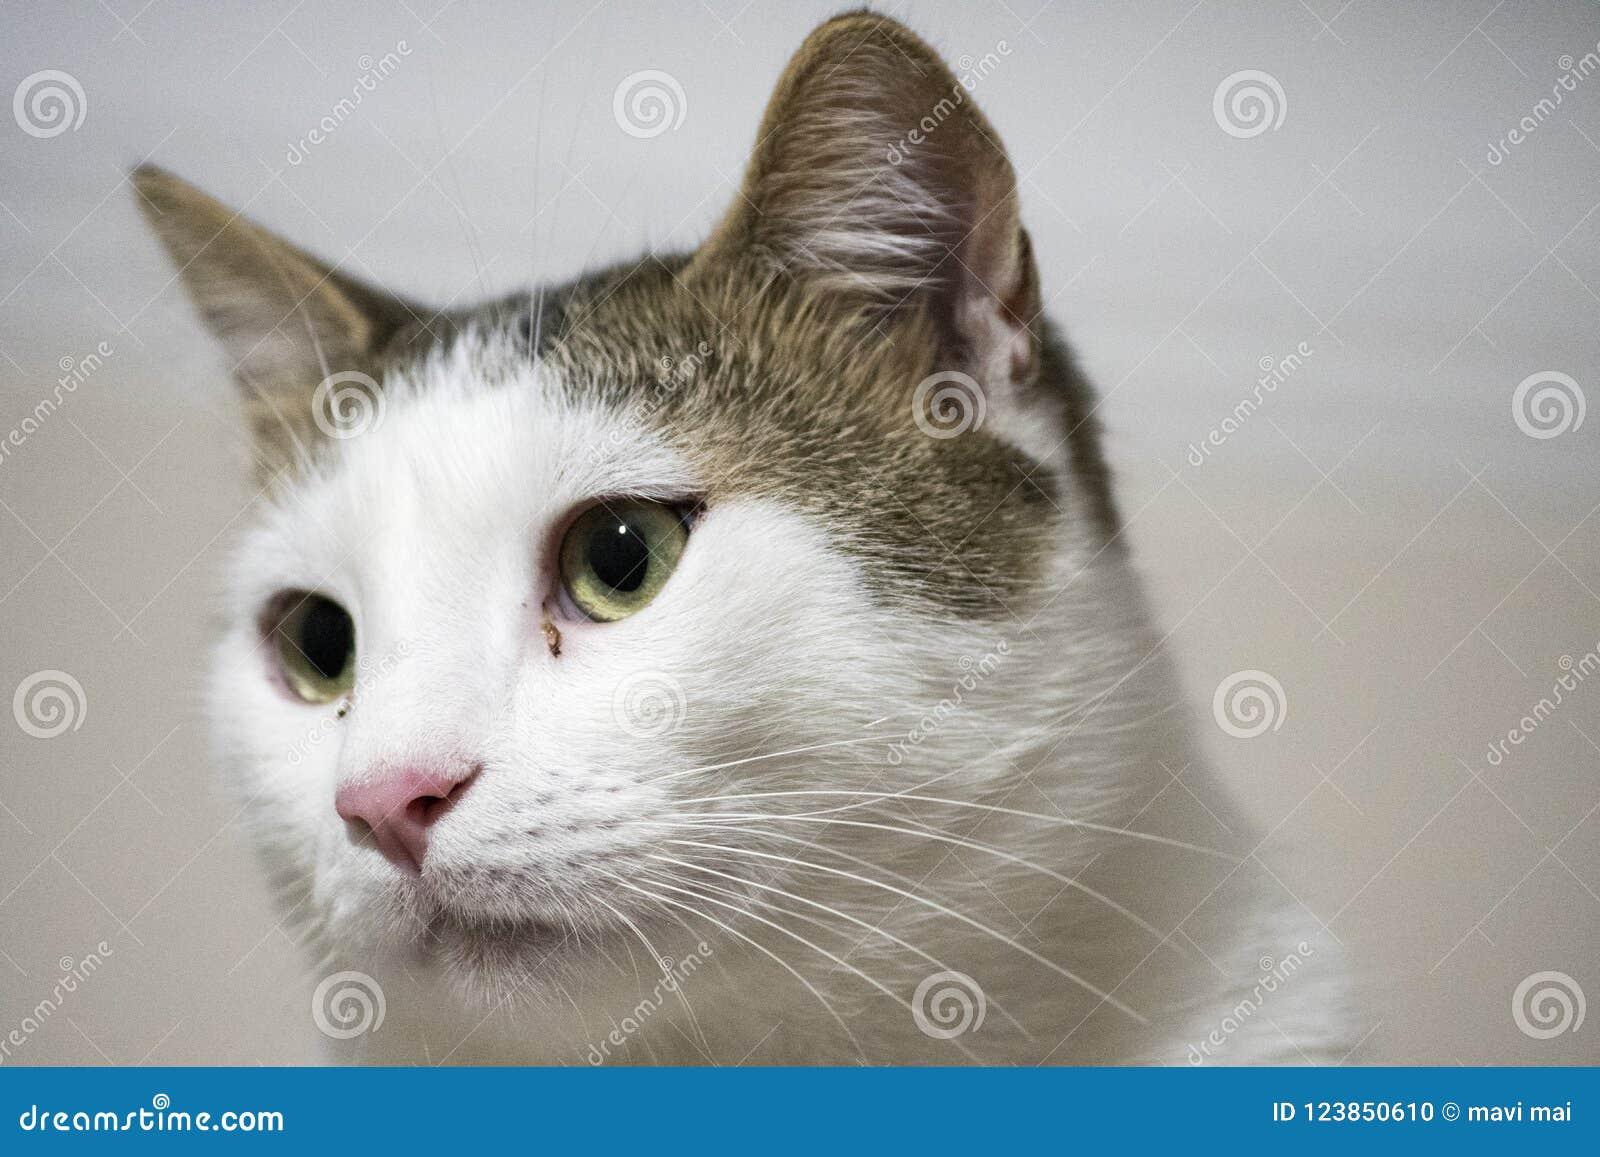 Grüne und gelbe Katzenaugen